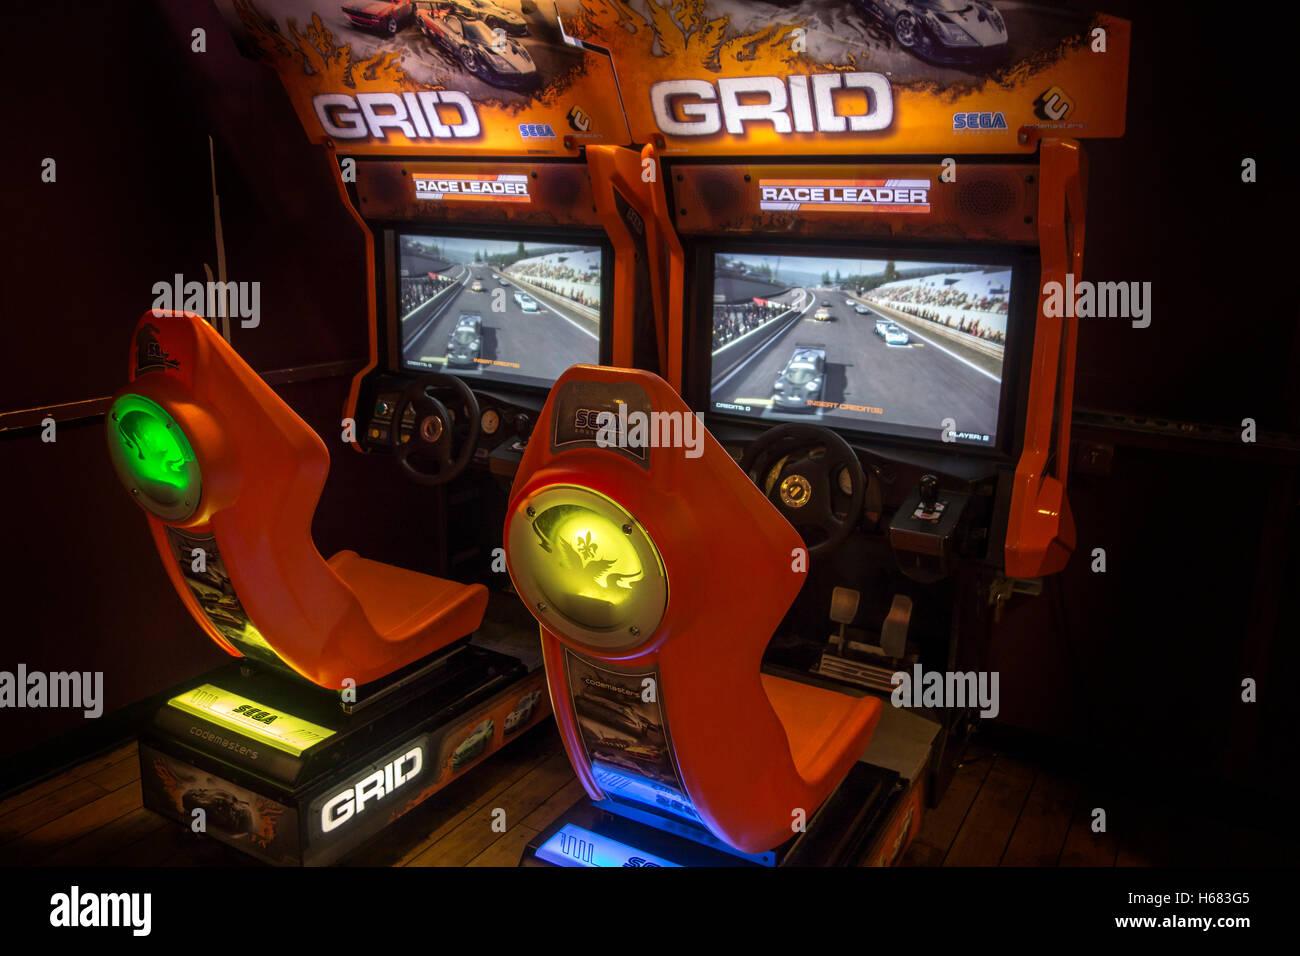 Profil de jeu vidéo de course à deux joueurs, jeu de course arcade en pub anglais, UK Photo Stock